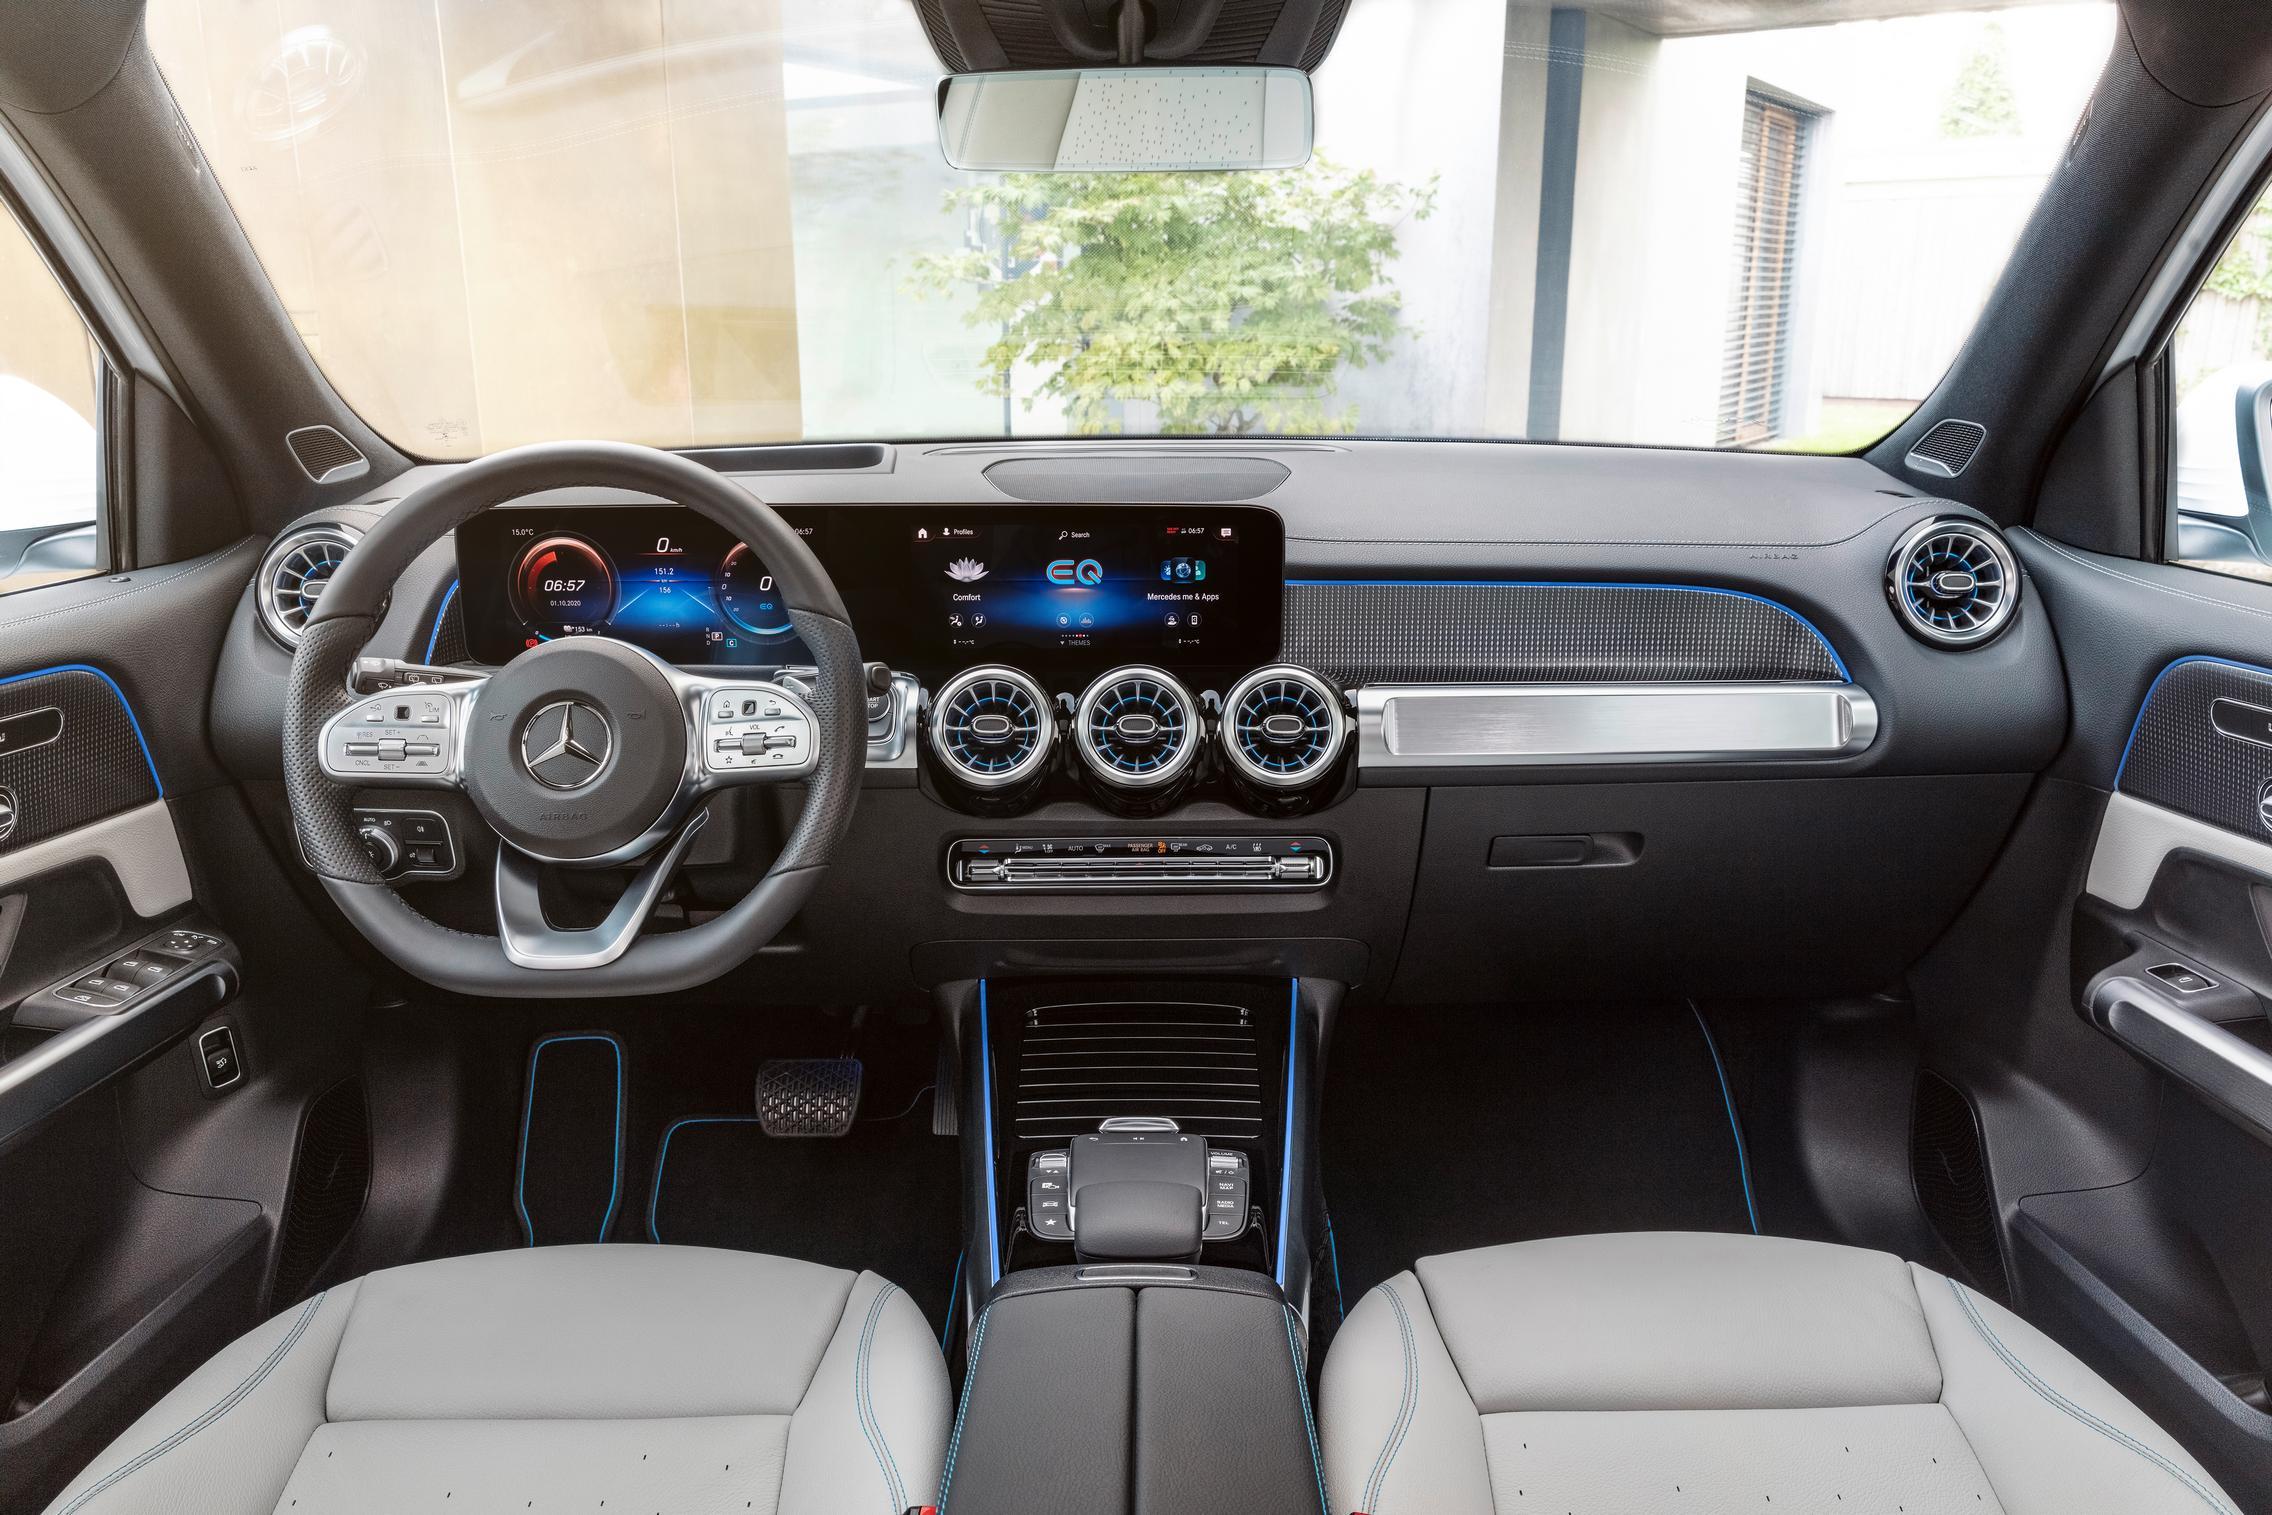 2022 Mercedes-Benz EQB interior